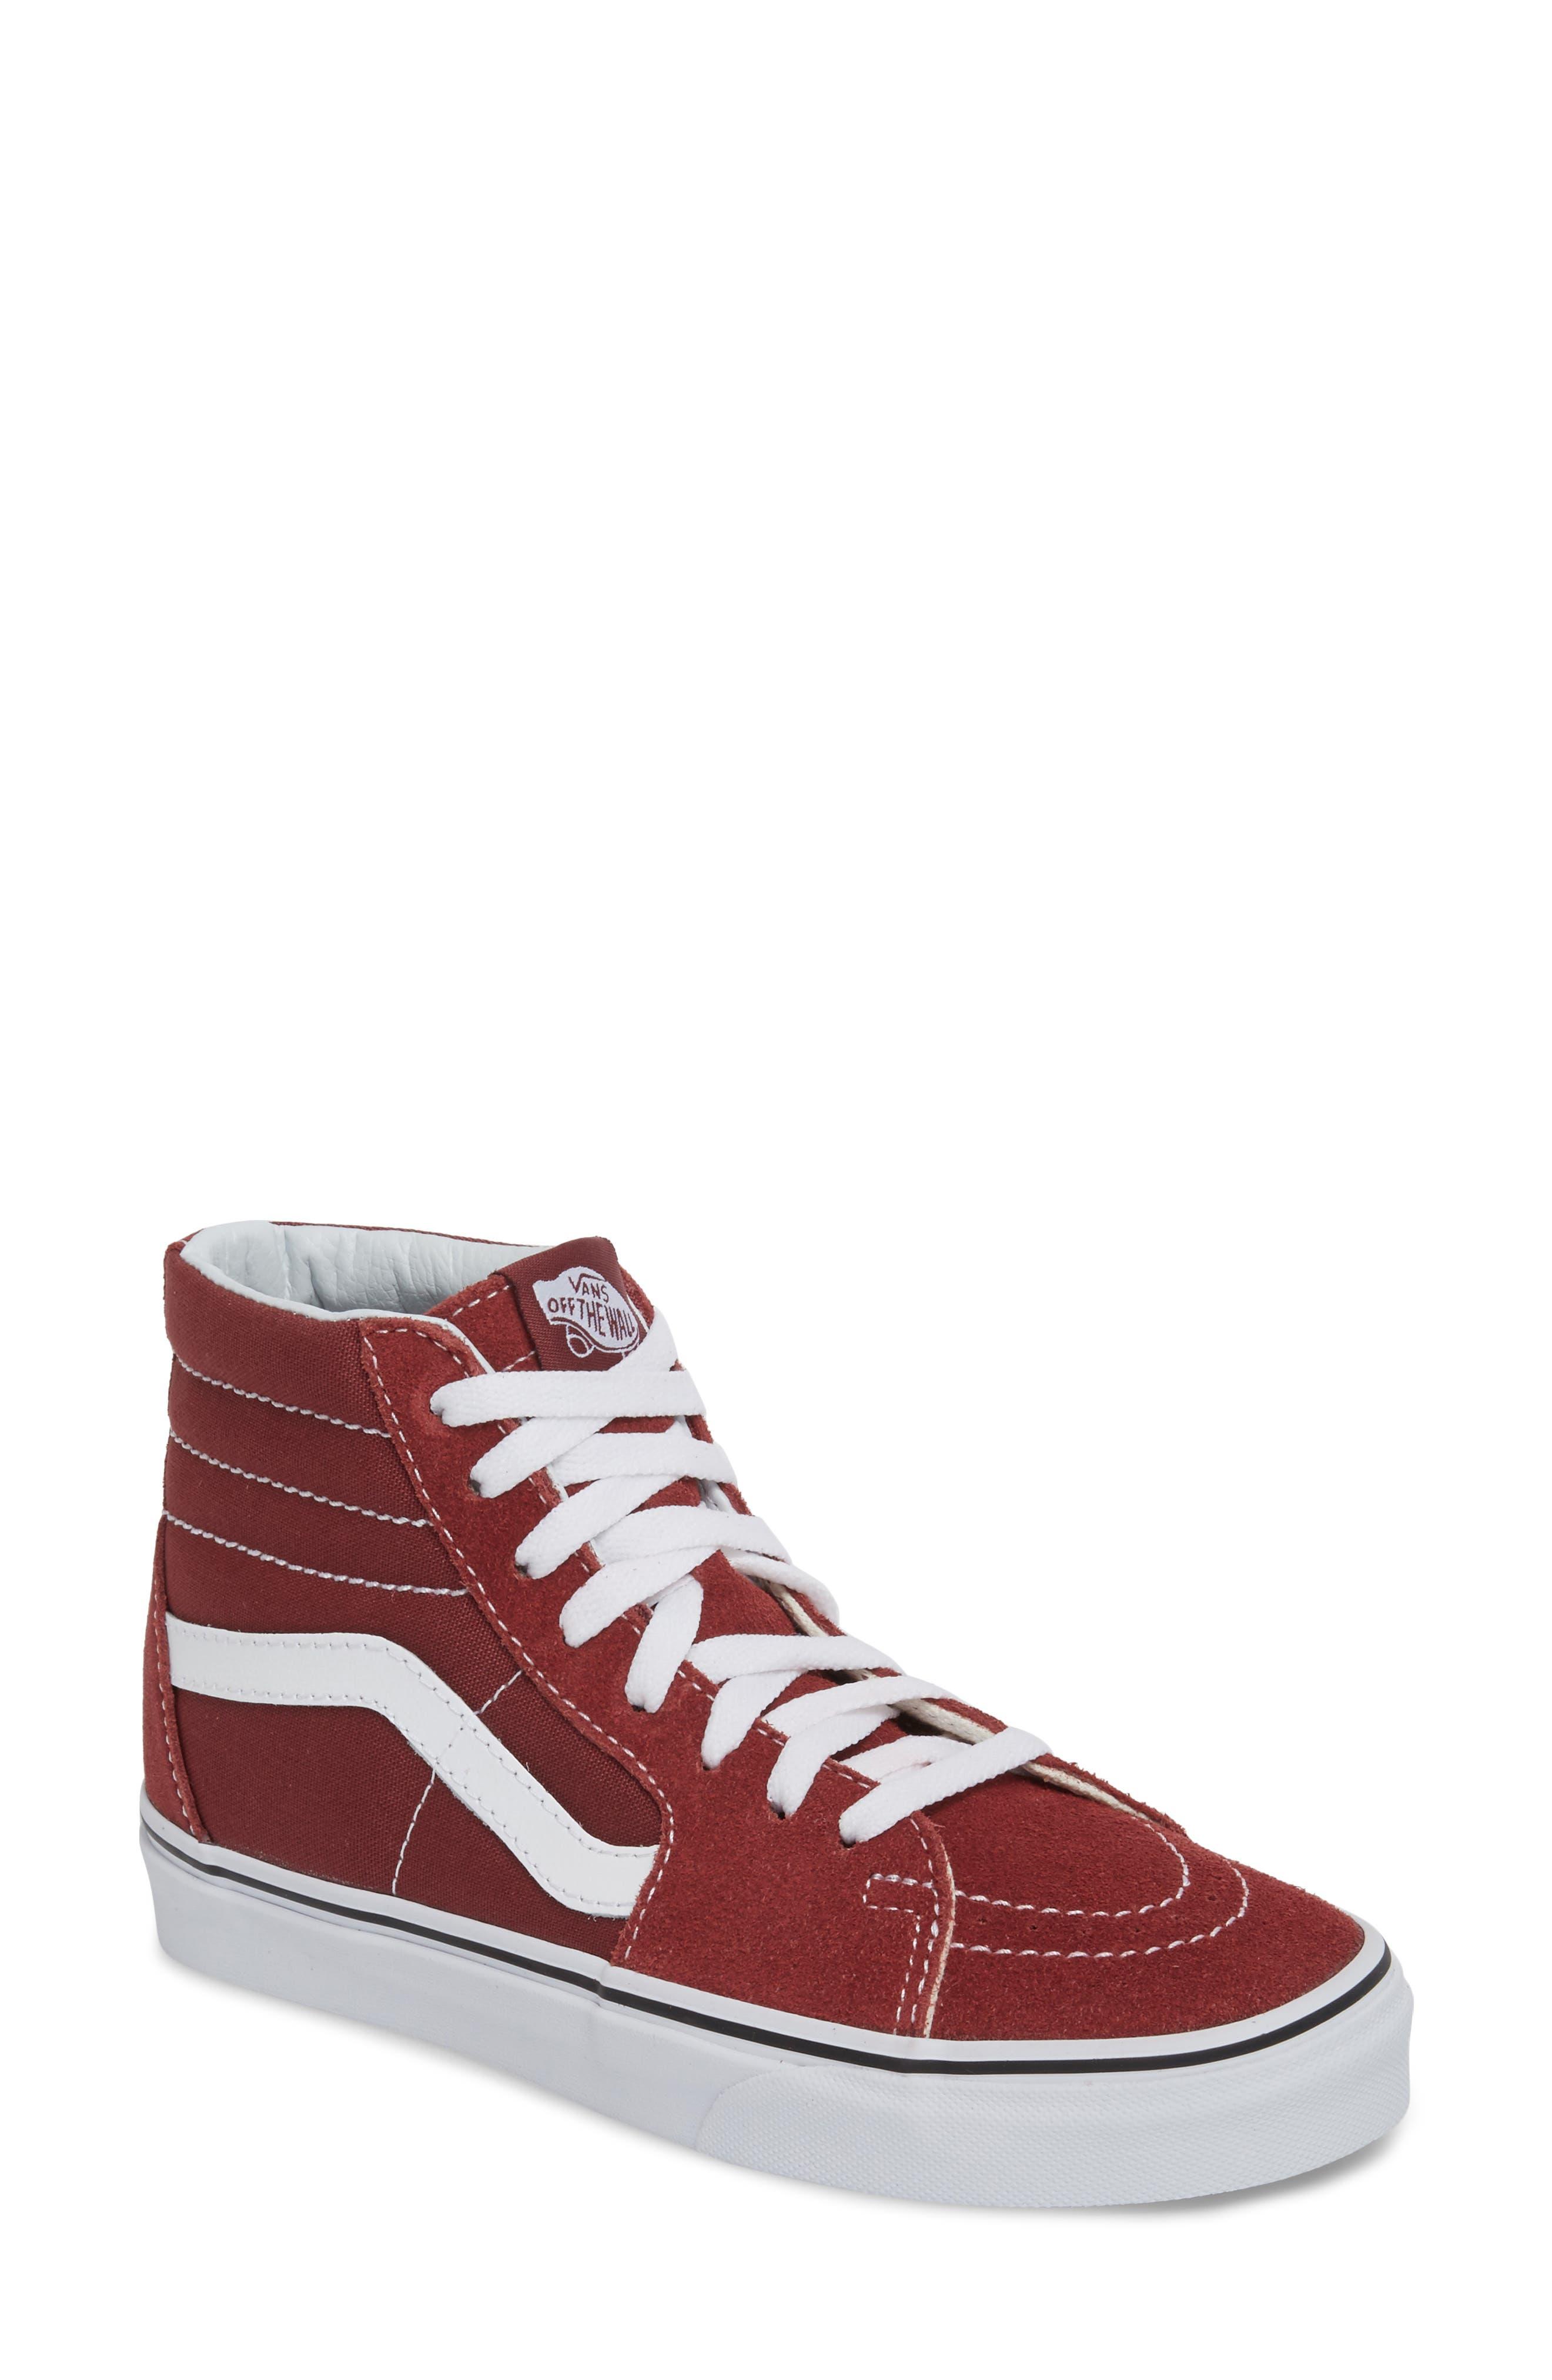 'Sk8-Hi Slim' Sneaker,                             Main thumbnail 1, color,                             Apple Butter/ True White